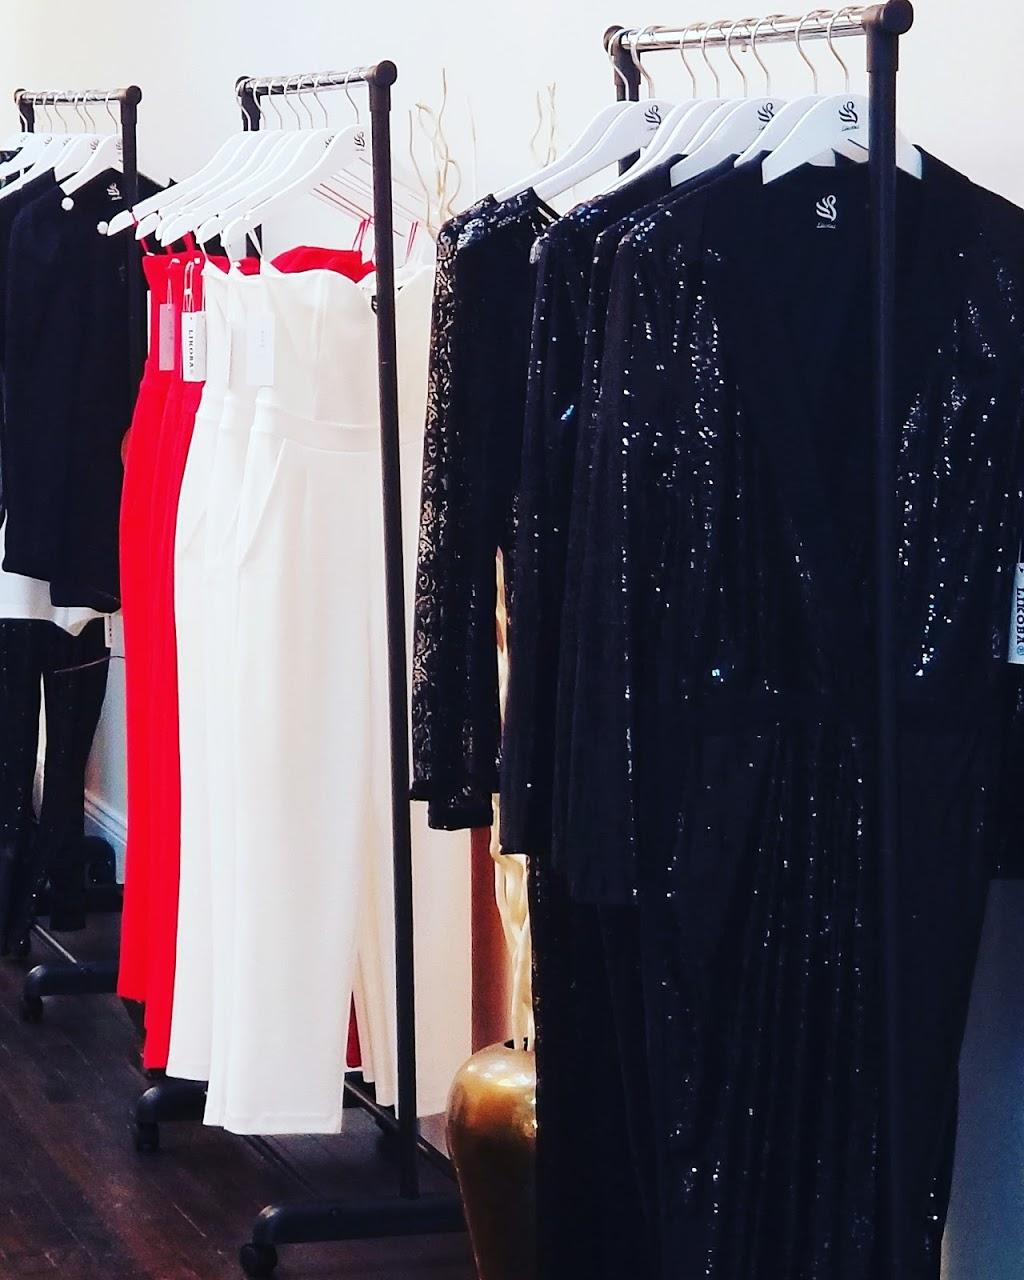 LIKOBA LLC - clothing store  | Photo 5 of 10 | Address: 25 Elizabeth St, Derby, CT 06418, USA | Phone: (203) 275-7770